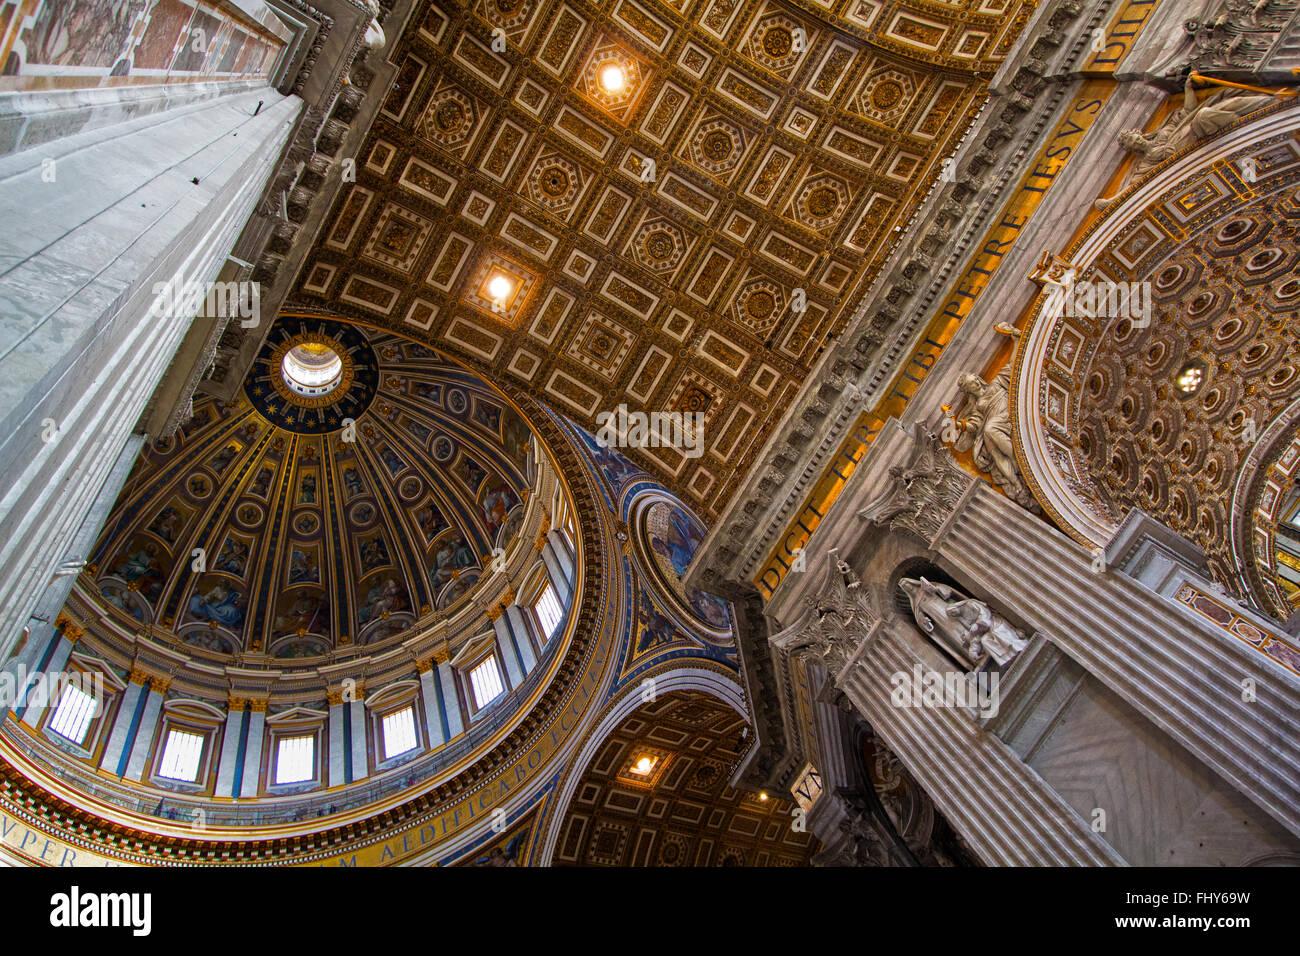 Innen Str. Peters Basilica Kirche, Rom, Italien Stockbild